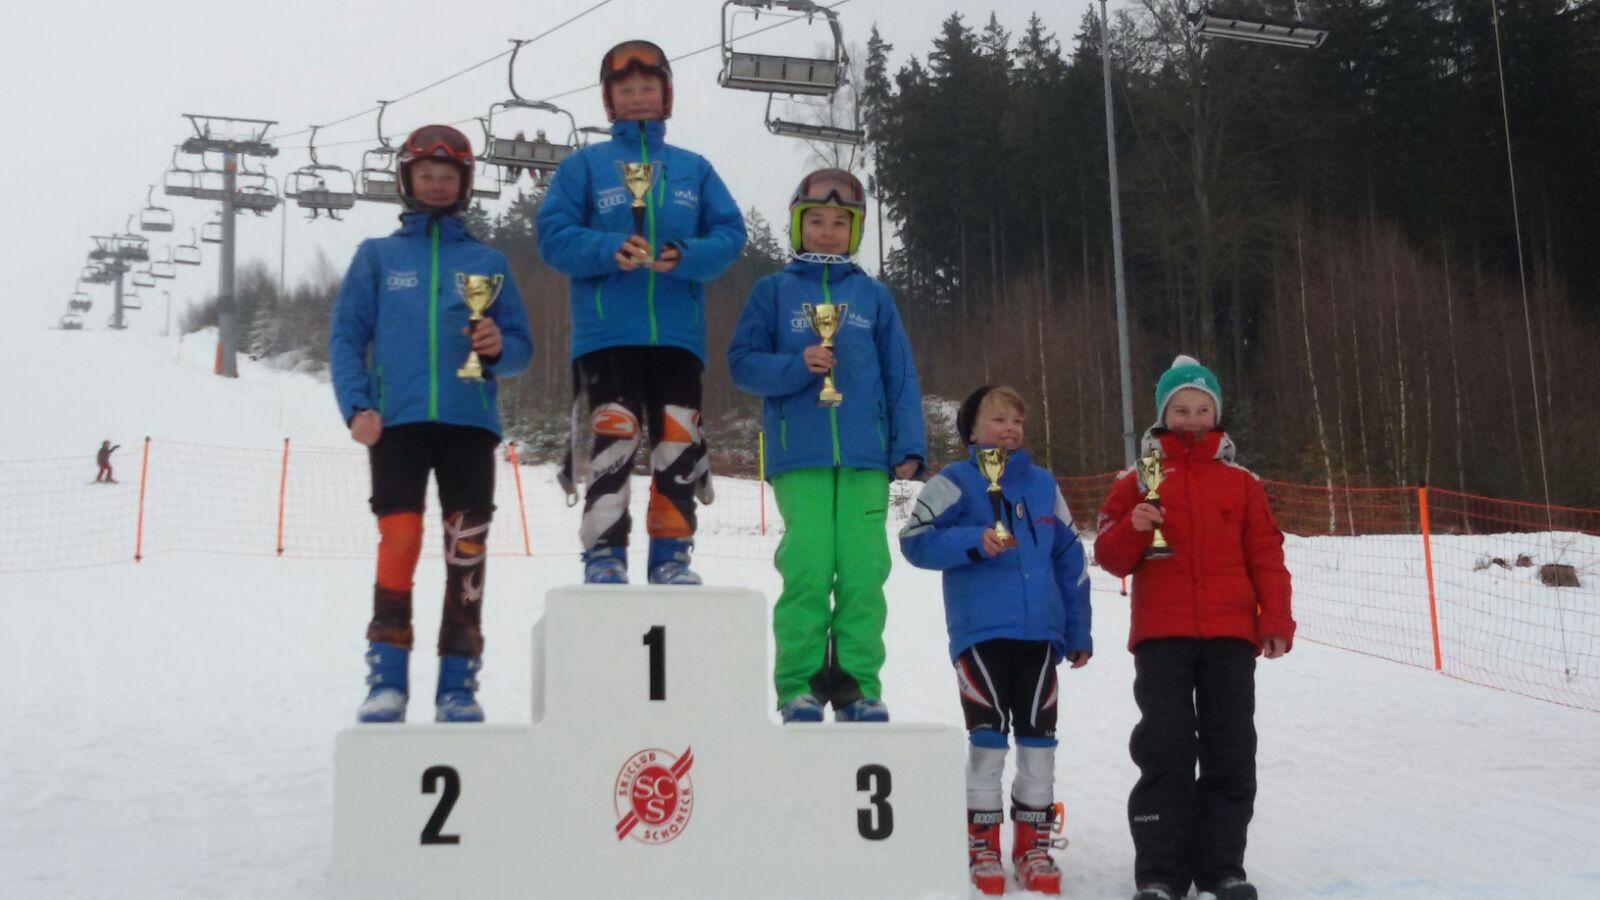 Ergebnisnachtrag: Sächsische Meisterschaften in Othal und Schöneck am 11./12.2.2017